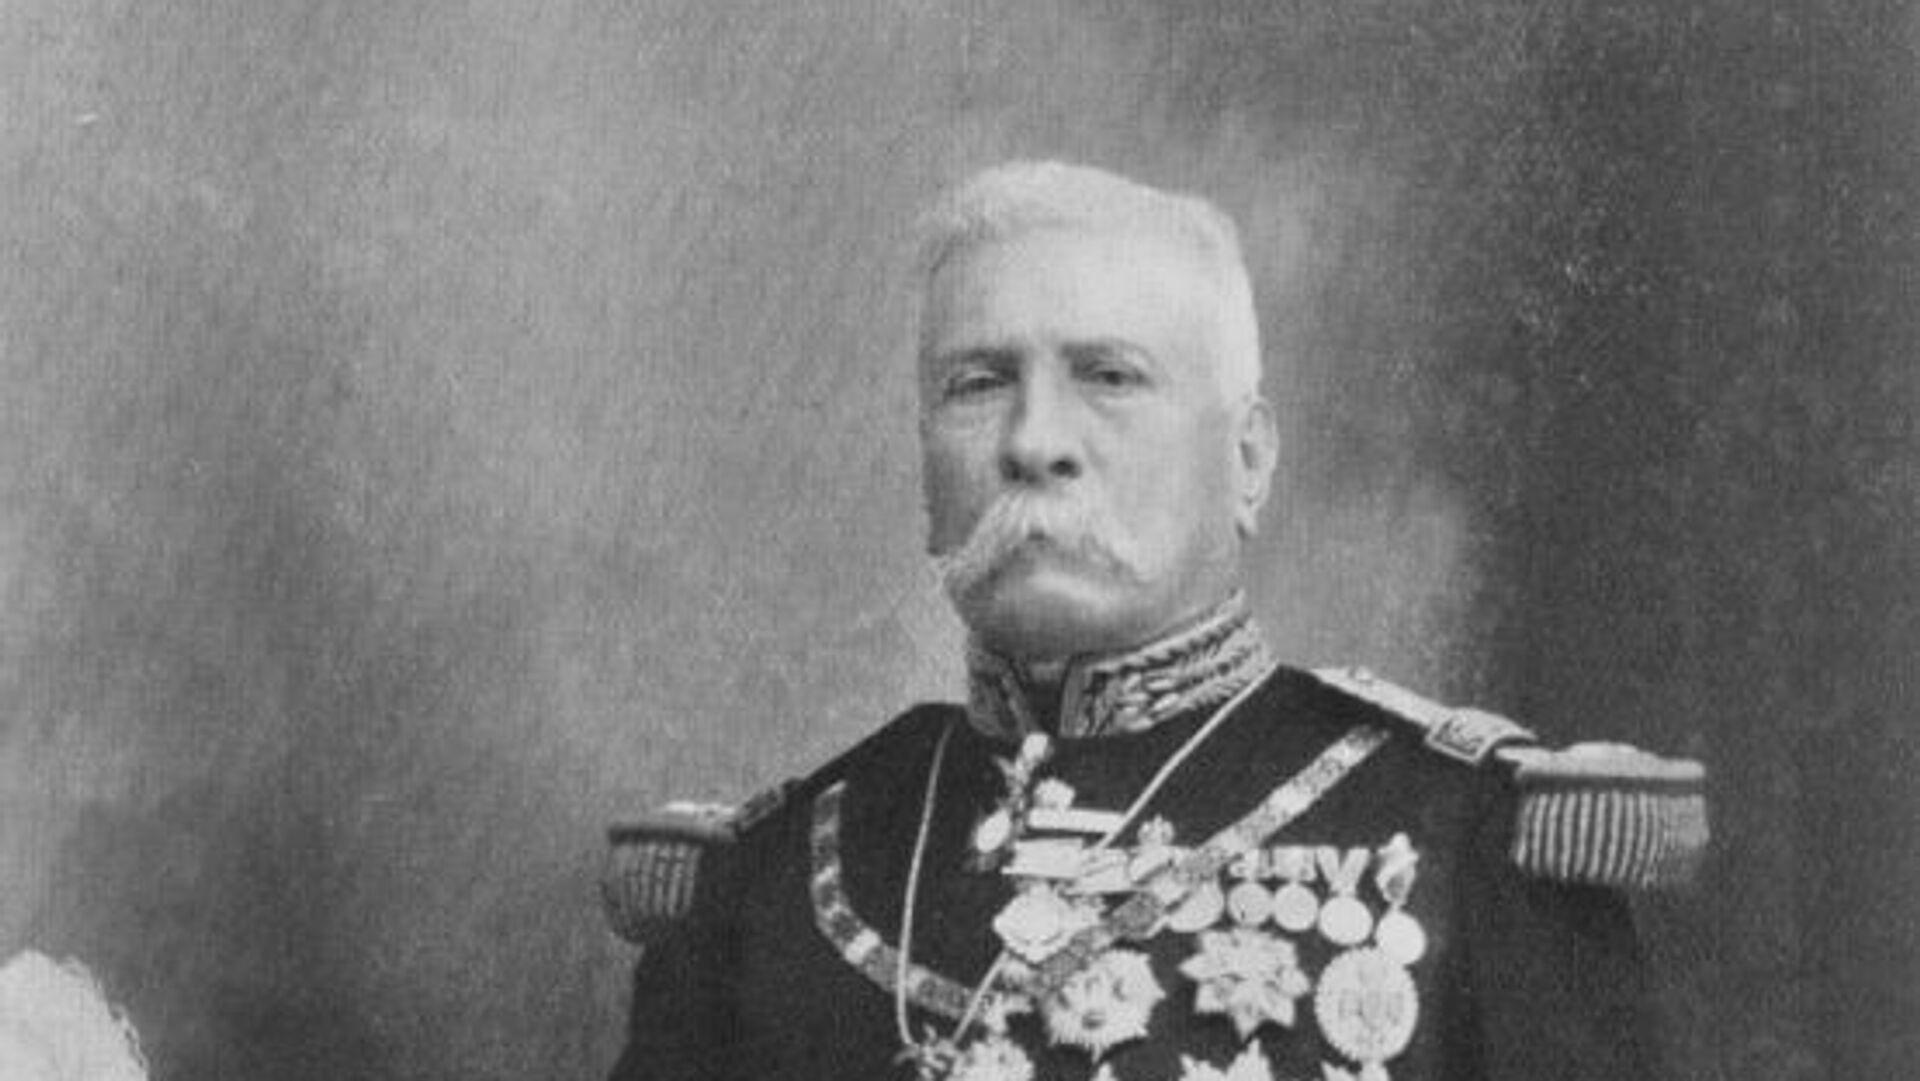 José de la Cruz Porfirio Díaz Mori, conocido como Porfirio Díaz, presidente de México que gobernó más de tres décadas - Sputnik Mundo, 1920, 11.02.2021